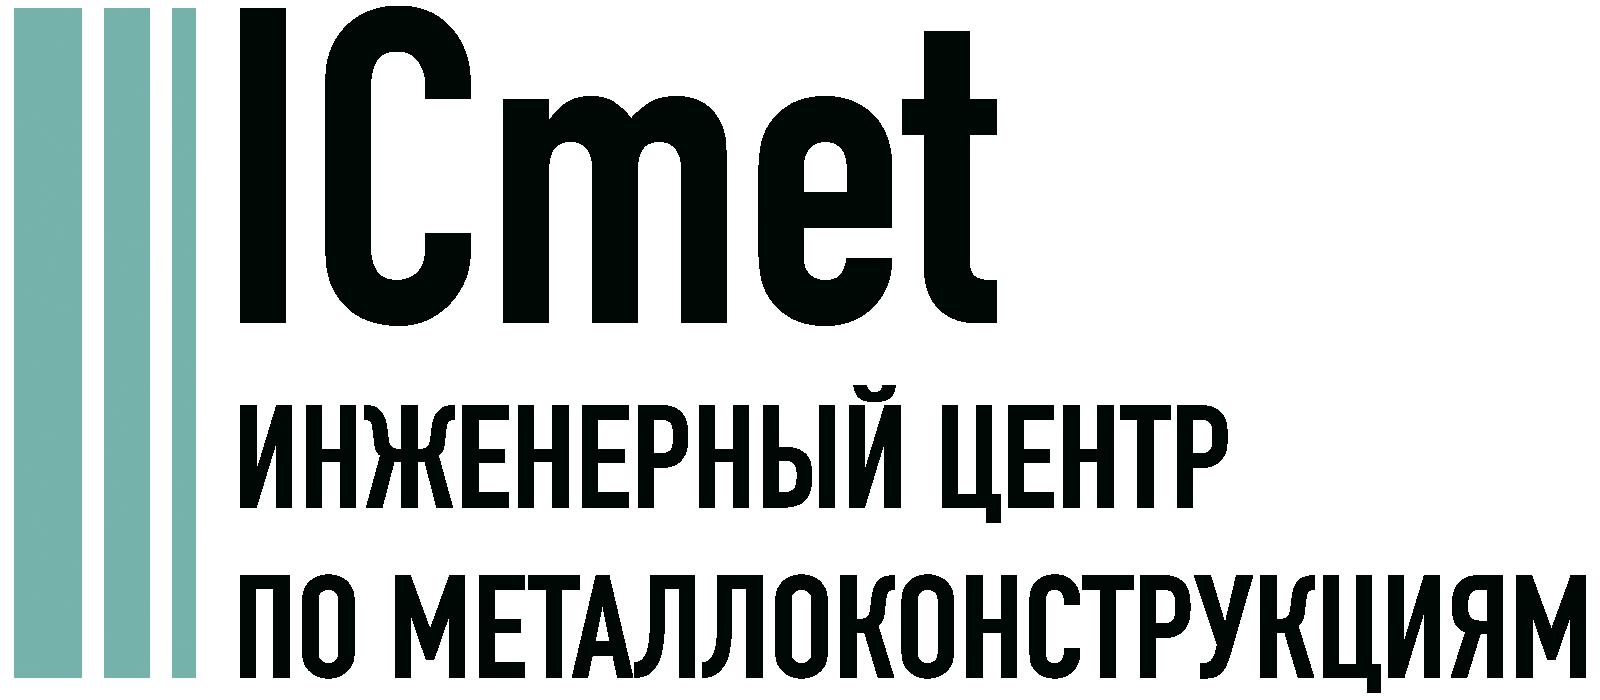 Проектирование металлоконструкций в Краснодаре